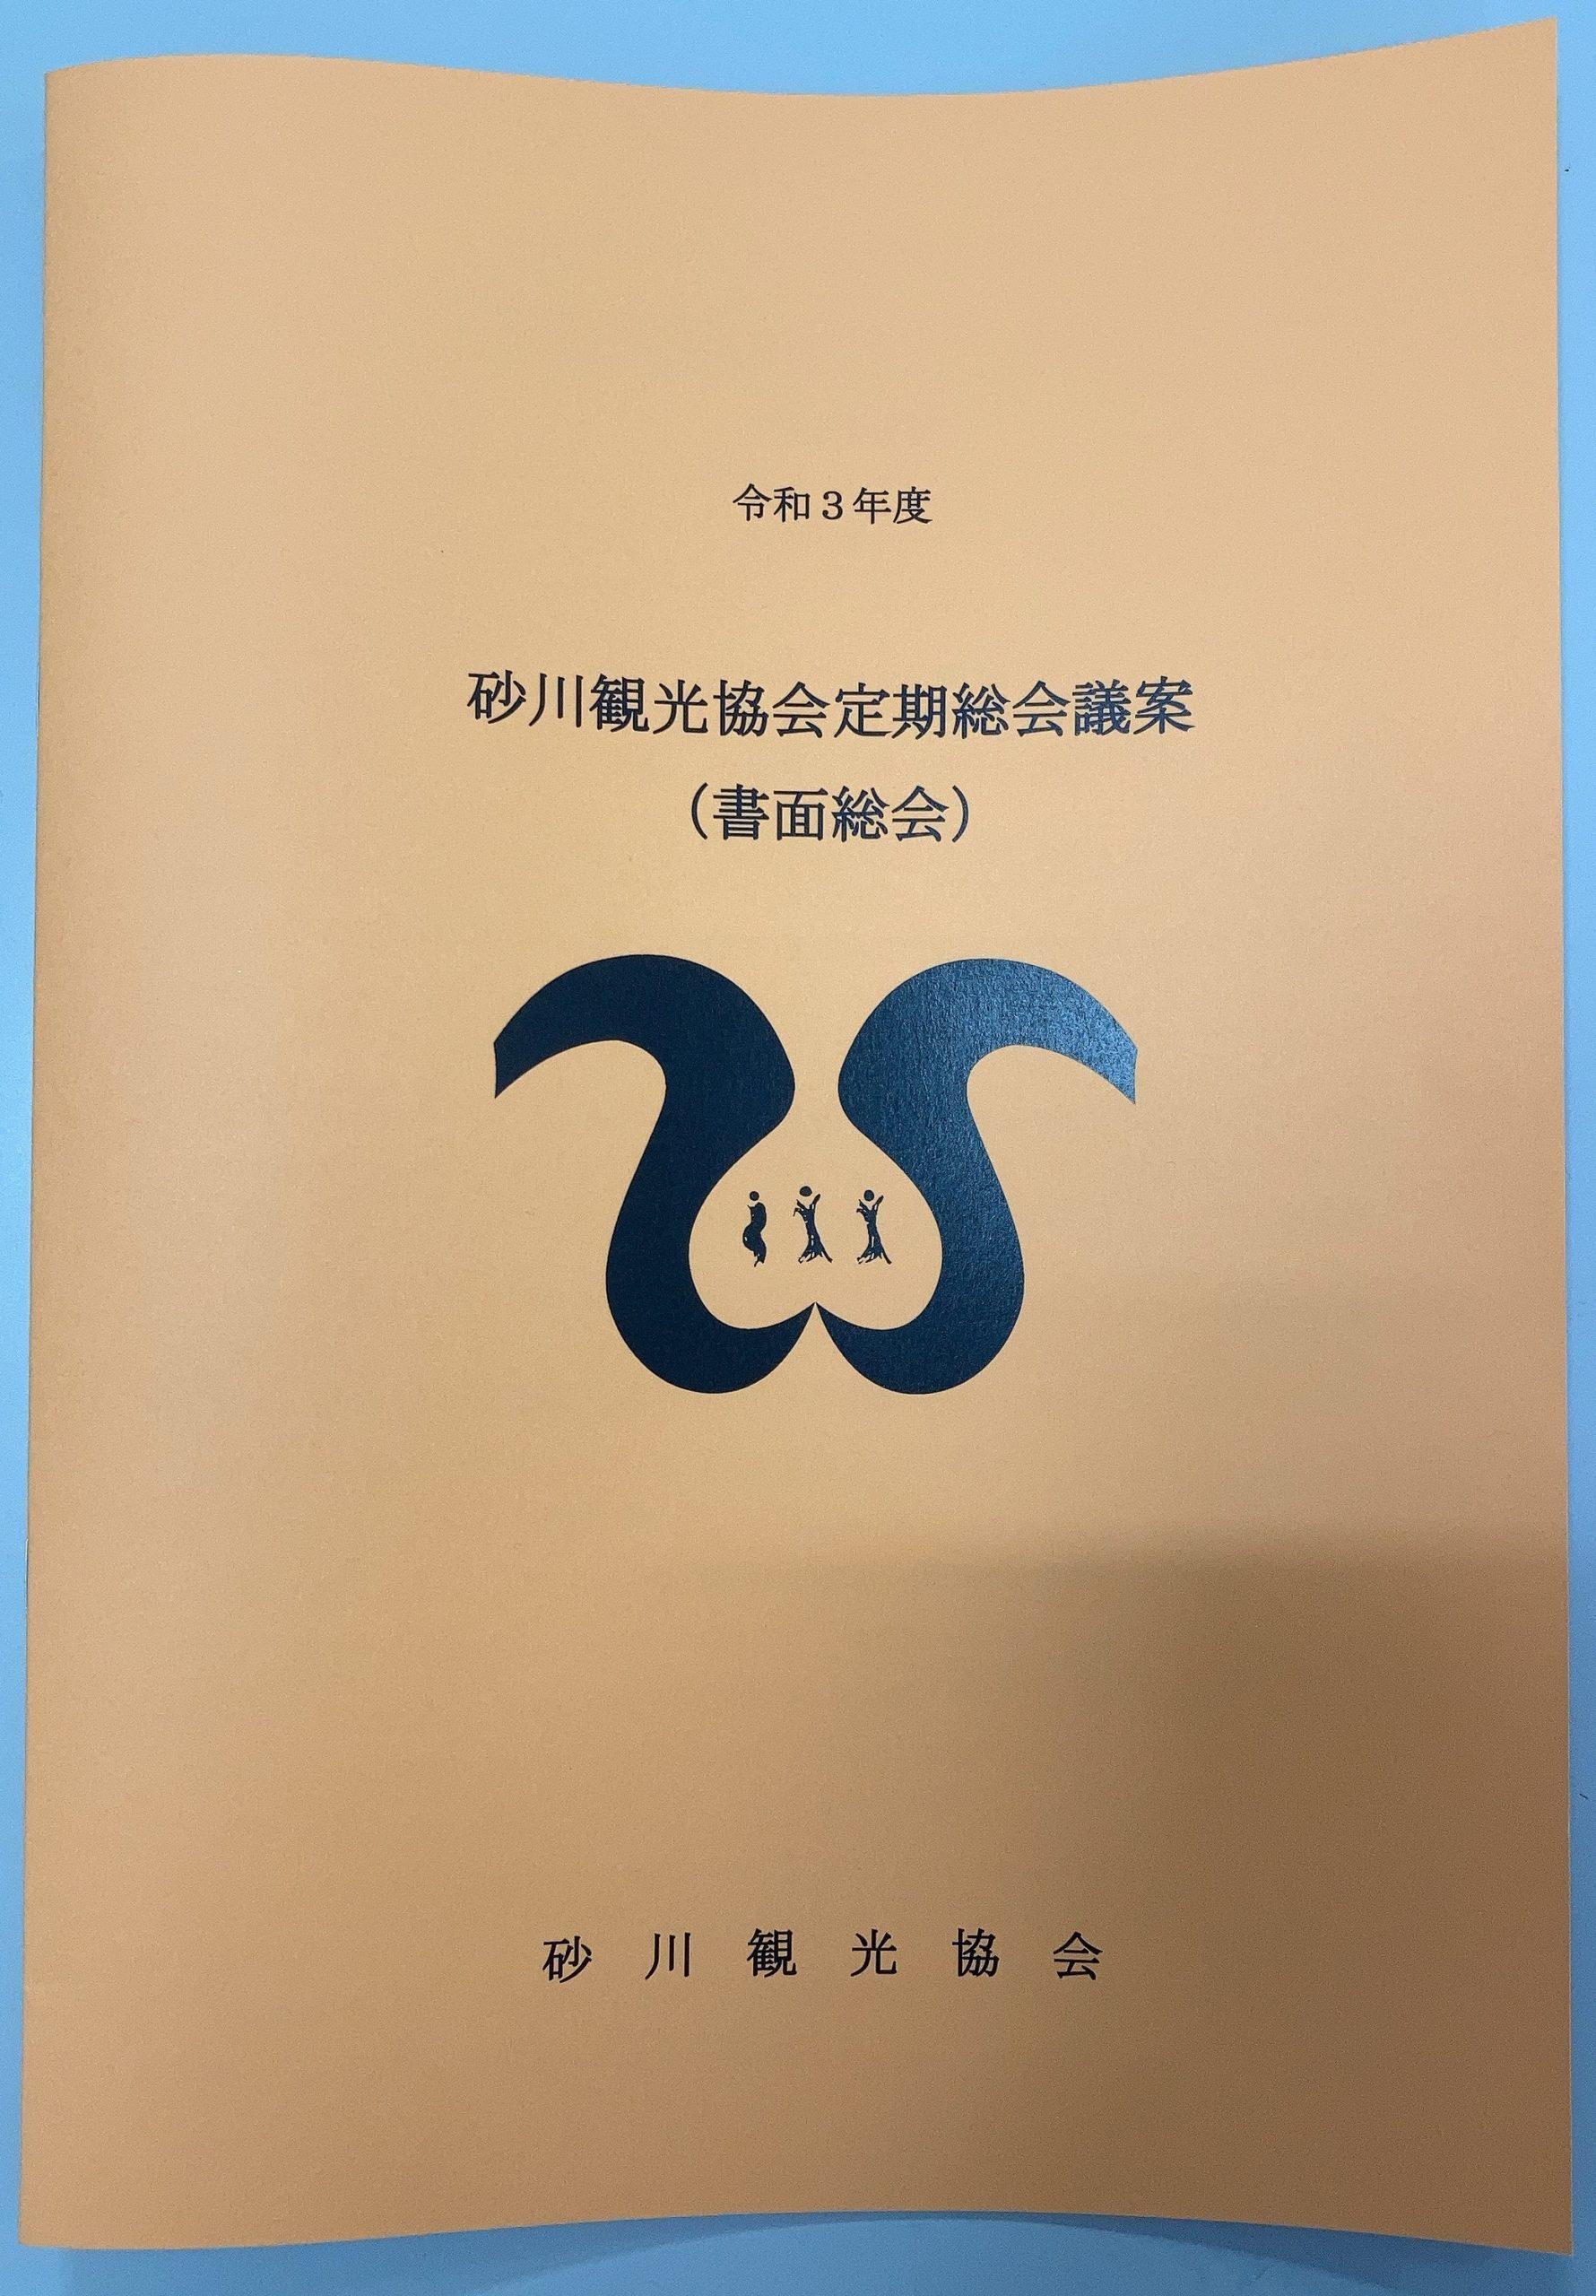 令和3年度 砂川観光協会定期総会を終えて(御礼)のポスター